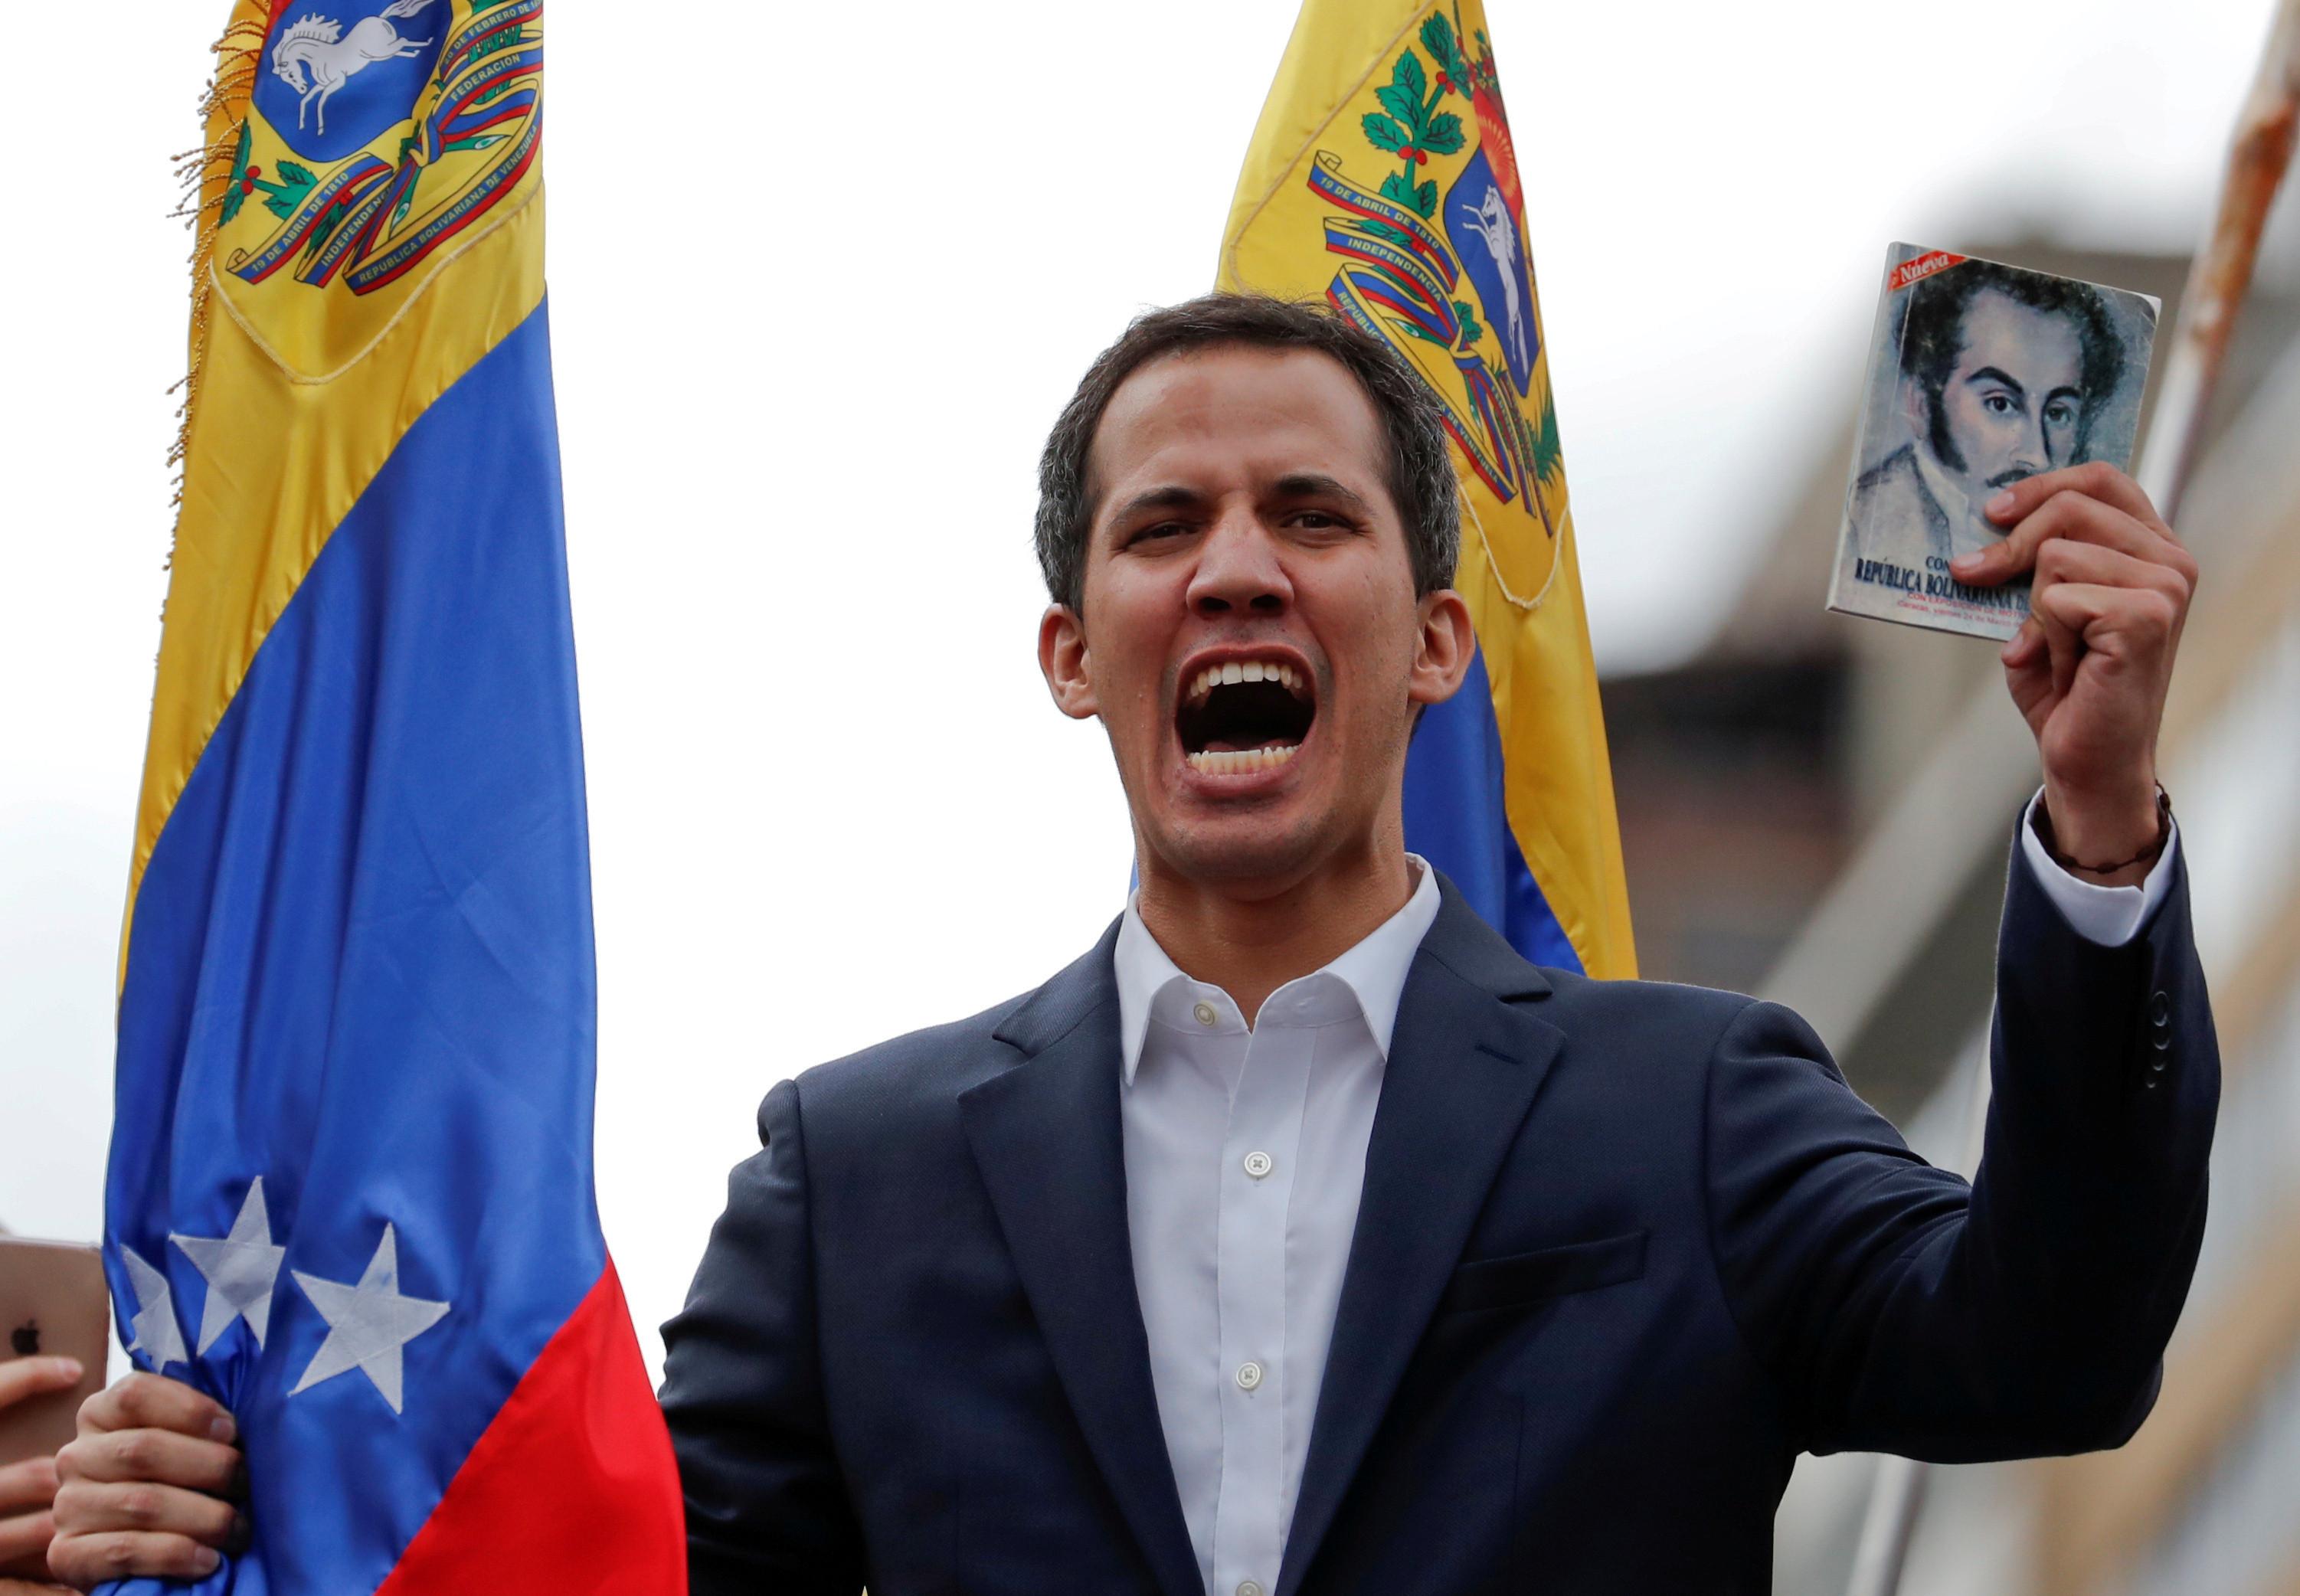 Casa Branca considera que atual dinâmica é favorável a Guaidó